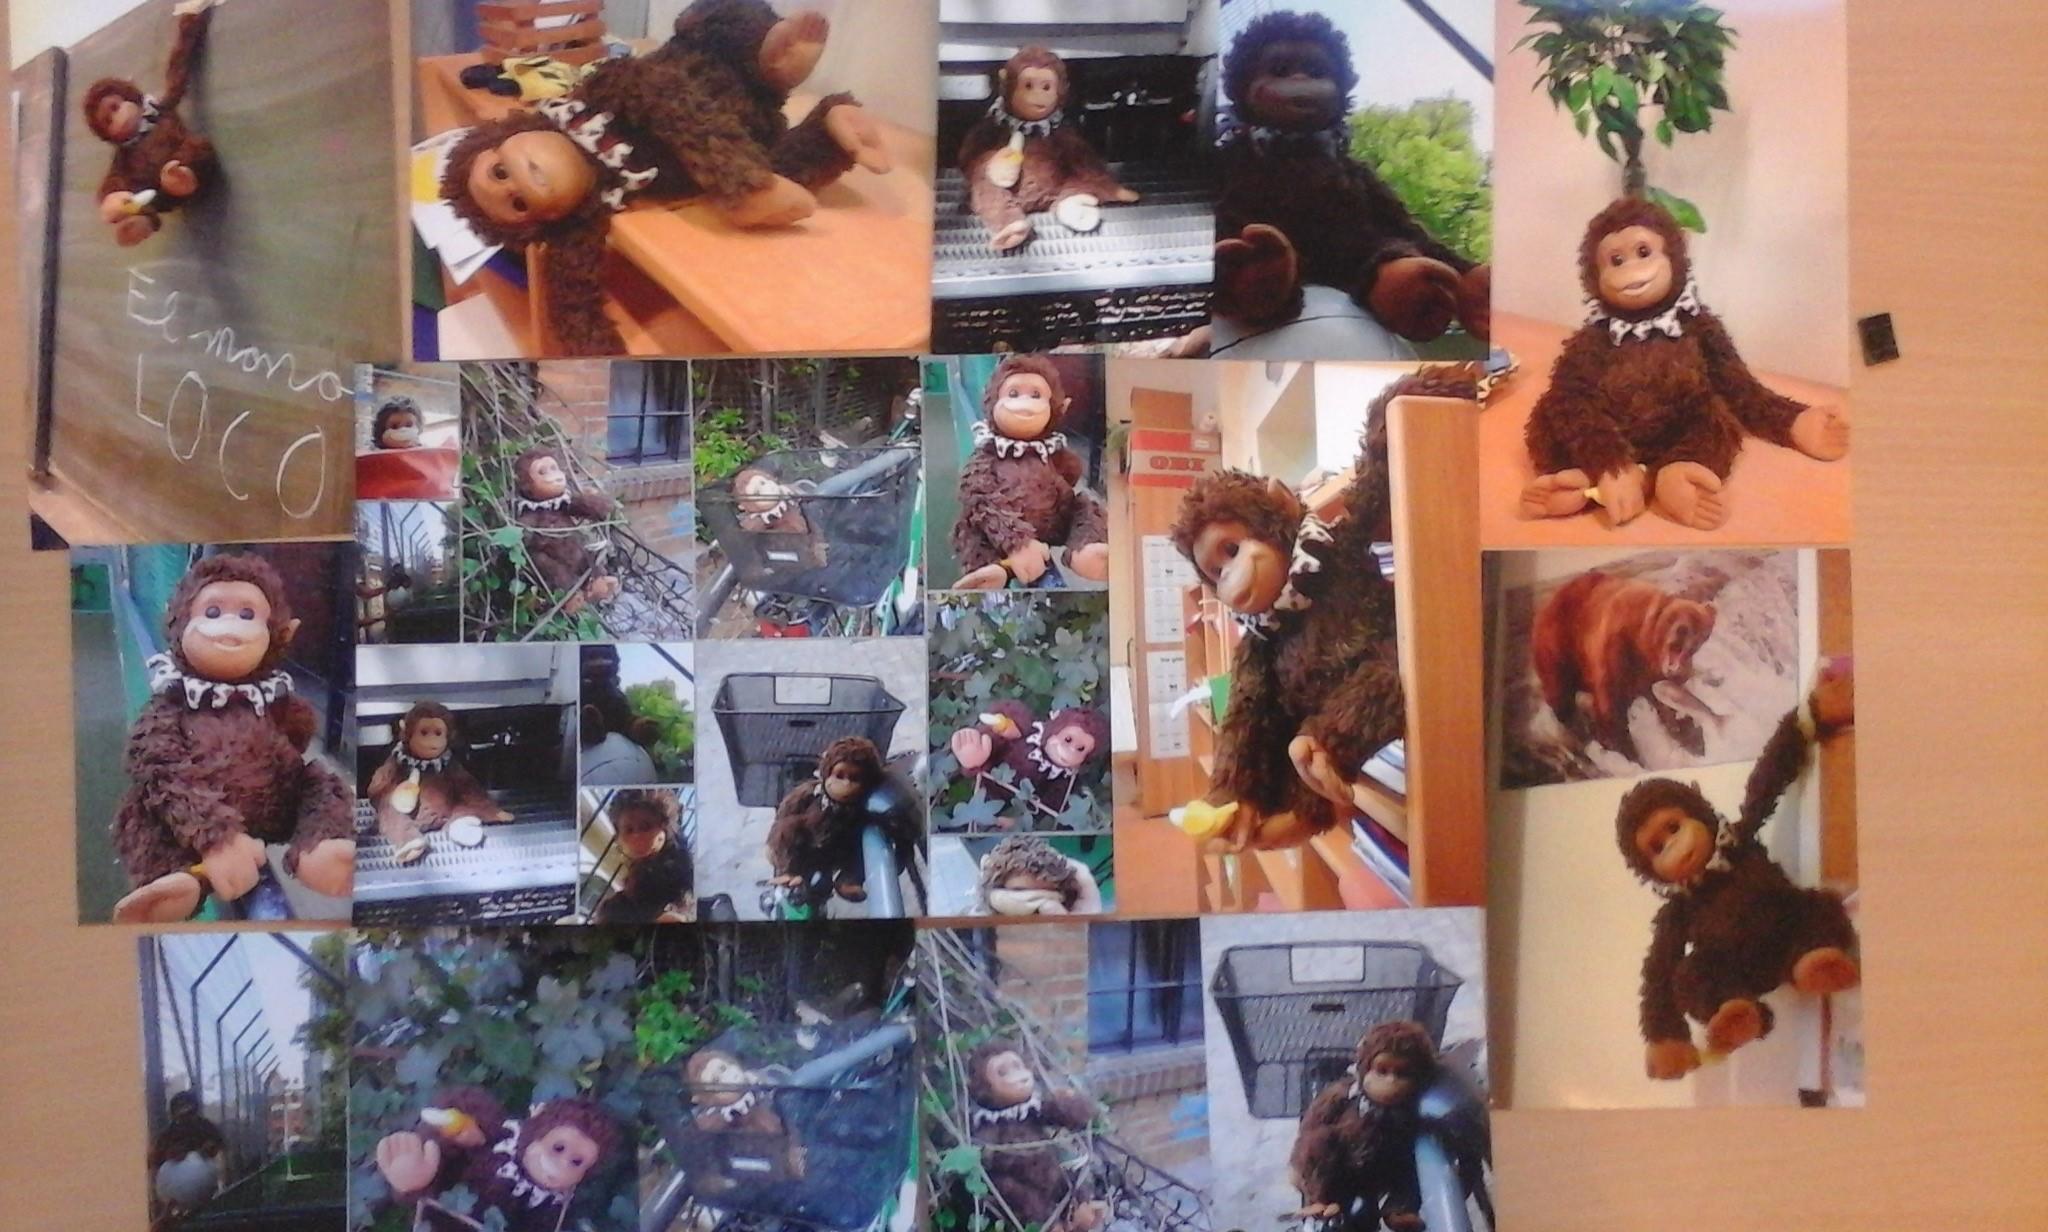 Die Abenteuer des verrückten Affen